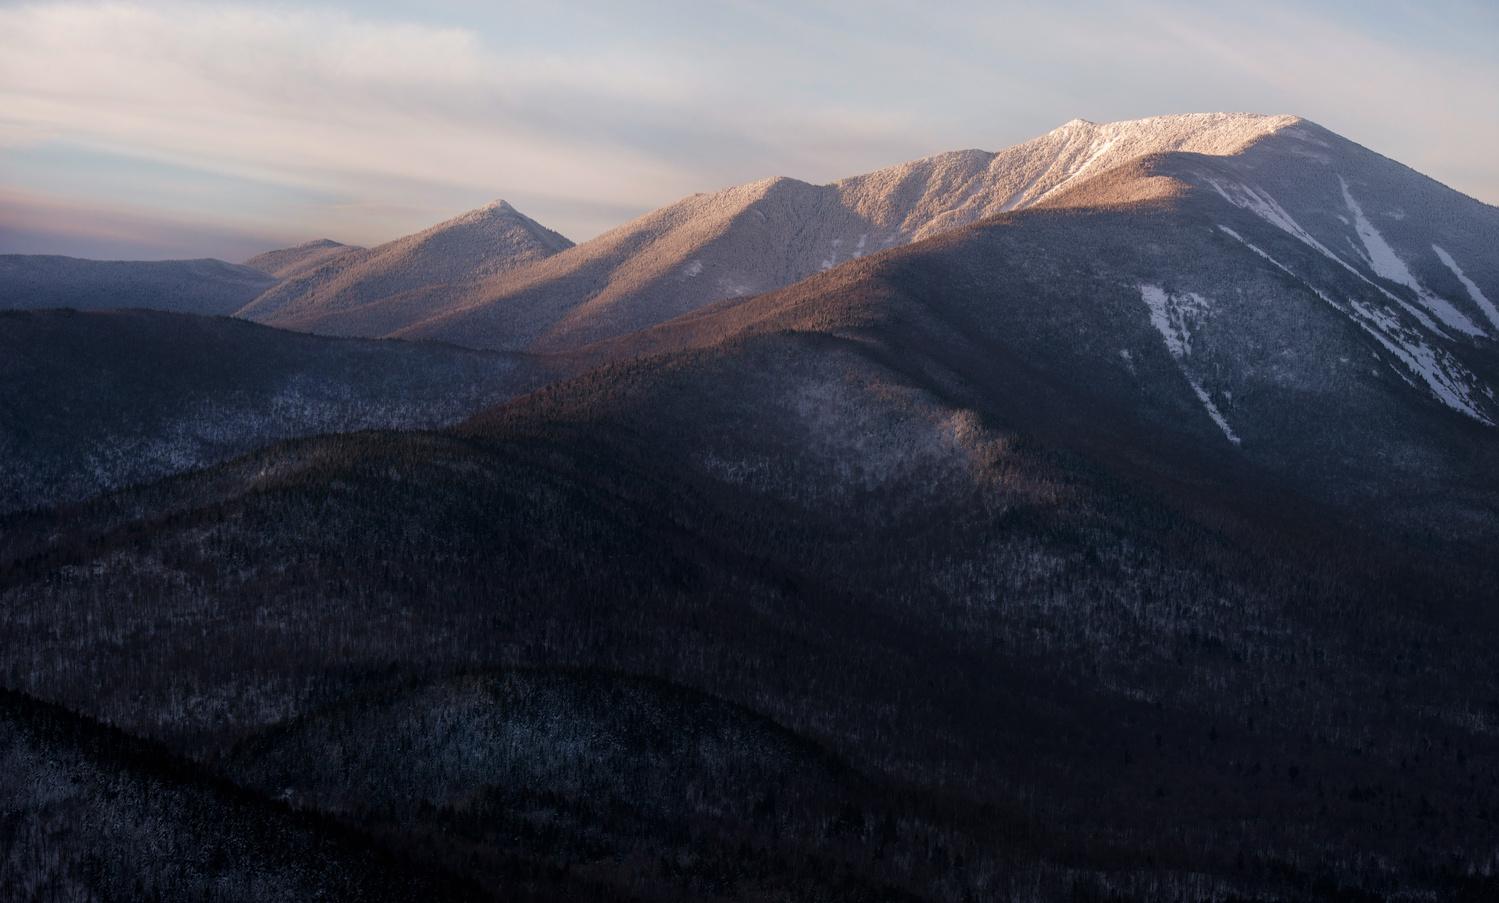 Santanoni Range by Tim Behuniak